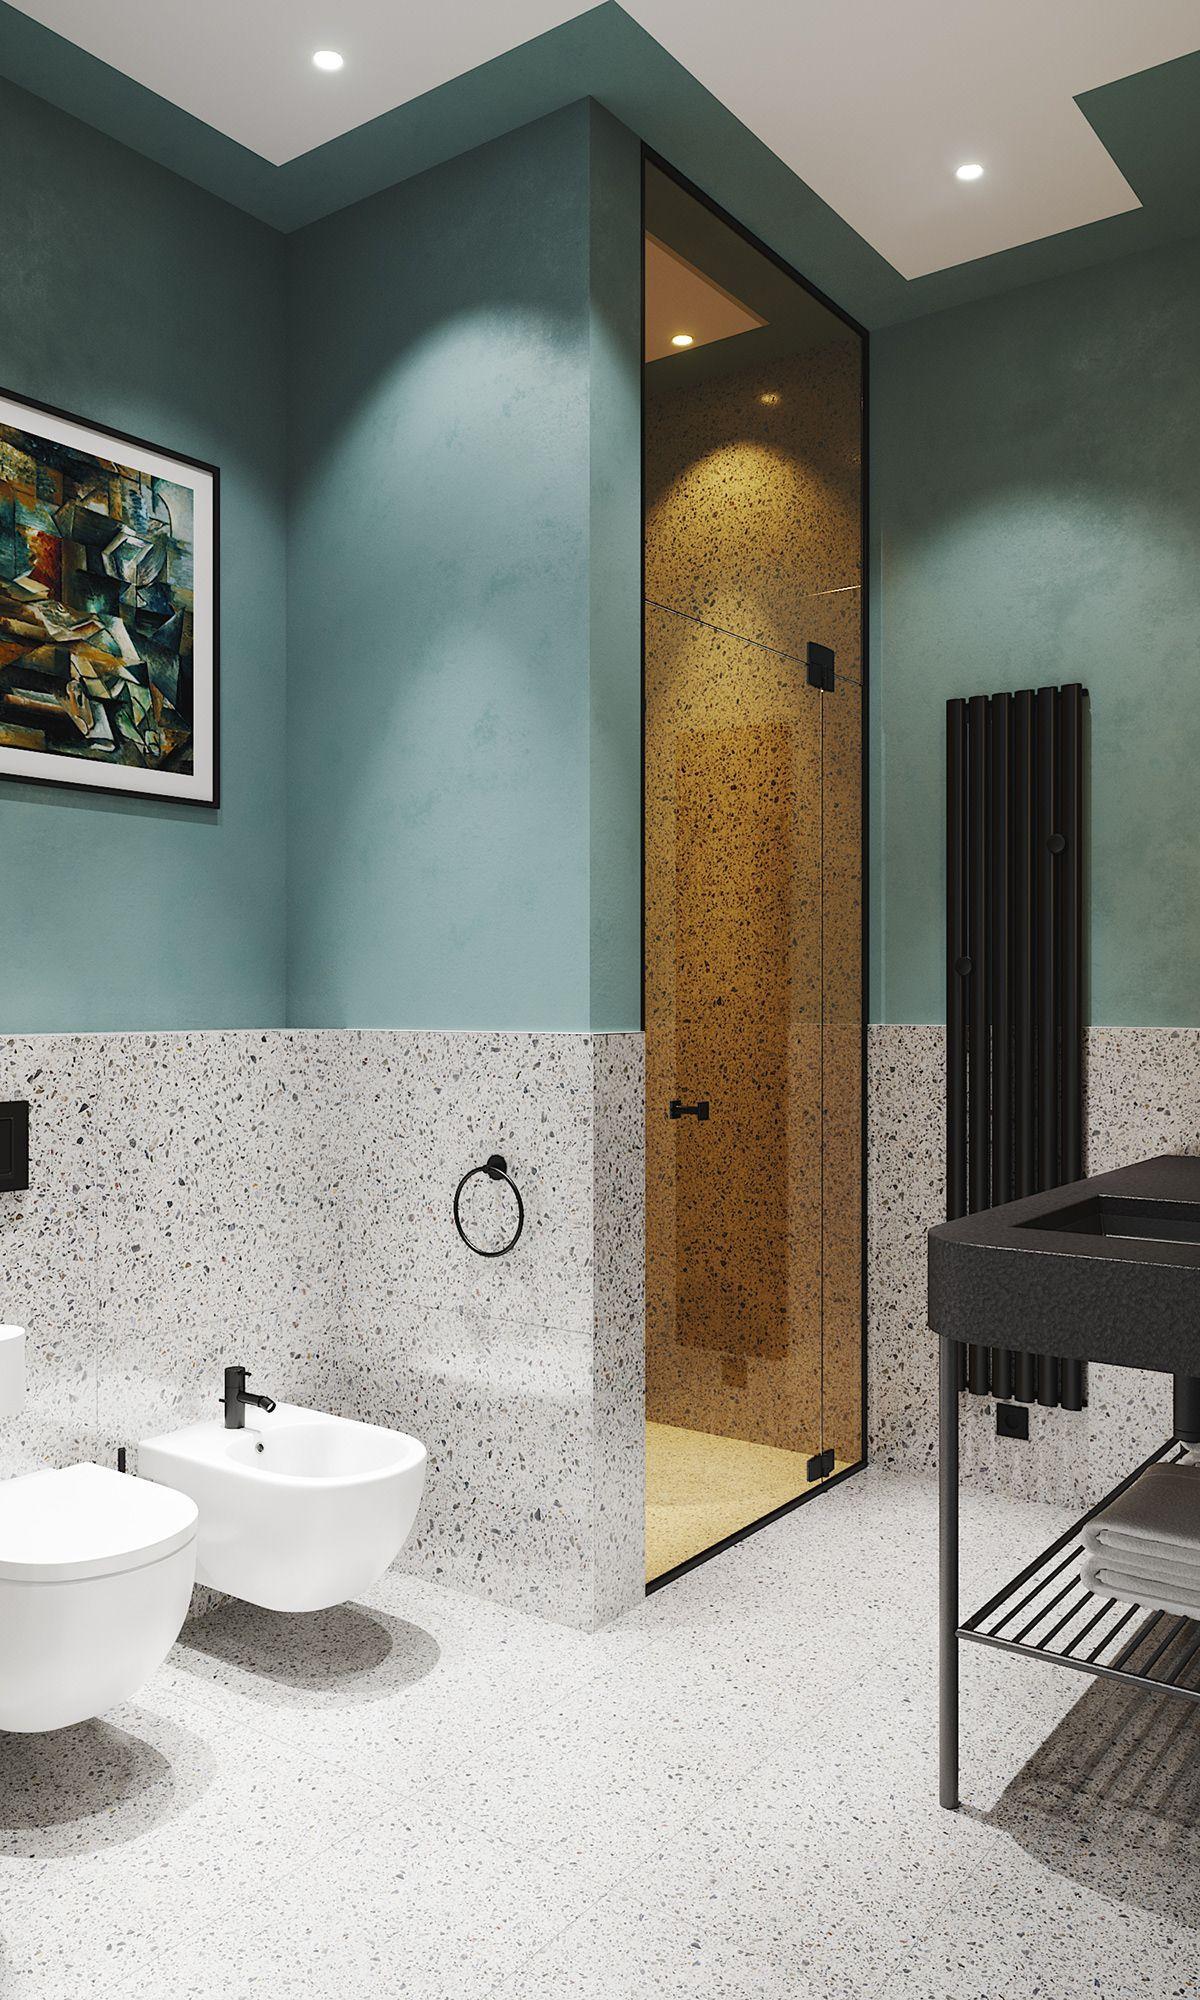 Contemporary Bathroom Design Ideas Every Bathroom Remodel Begins With A Design Co Bathroom Interior Design Bathroom Design Small Contemporary Bathroom Designs